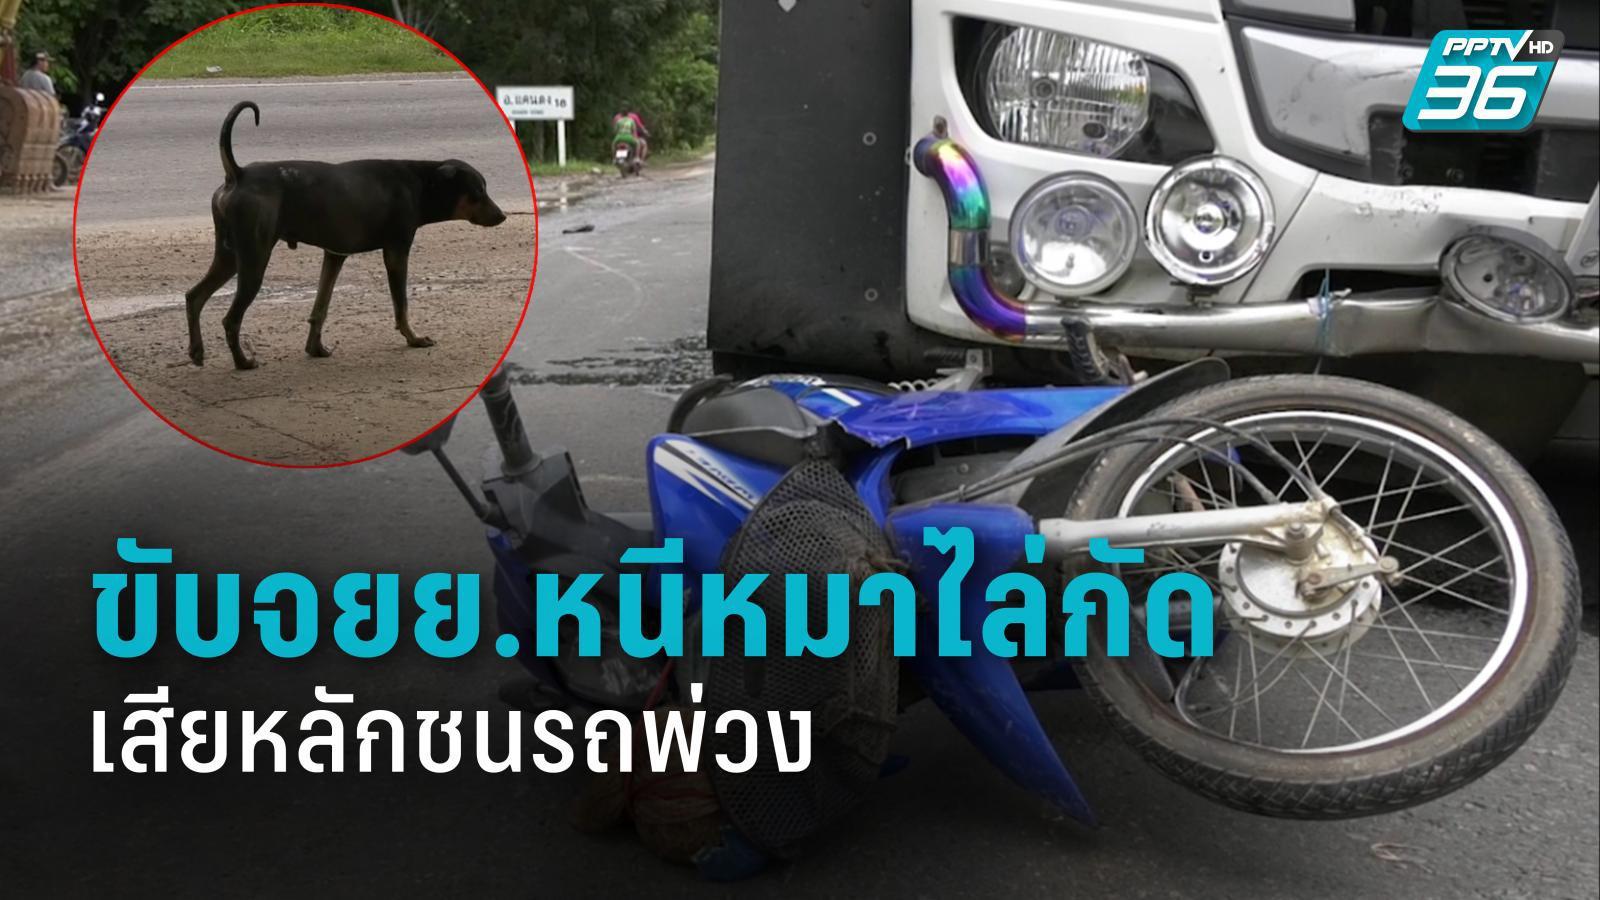 พ่อเฒ่าวัย 75 ปี ขับจยย.หนีหมาไล่กัด เสียหลักชนรถพ่วงเสียชีวิตแล้ว